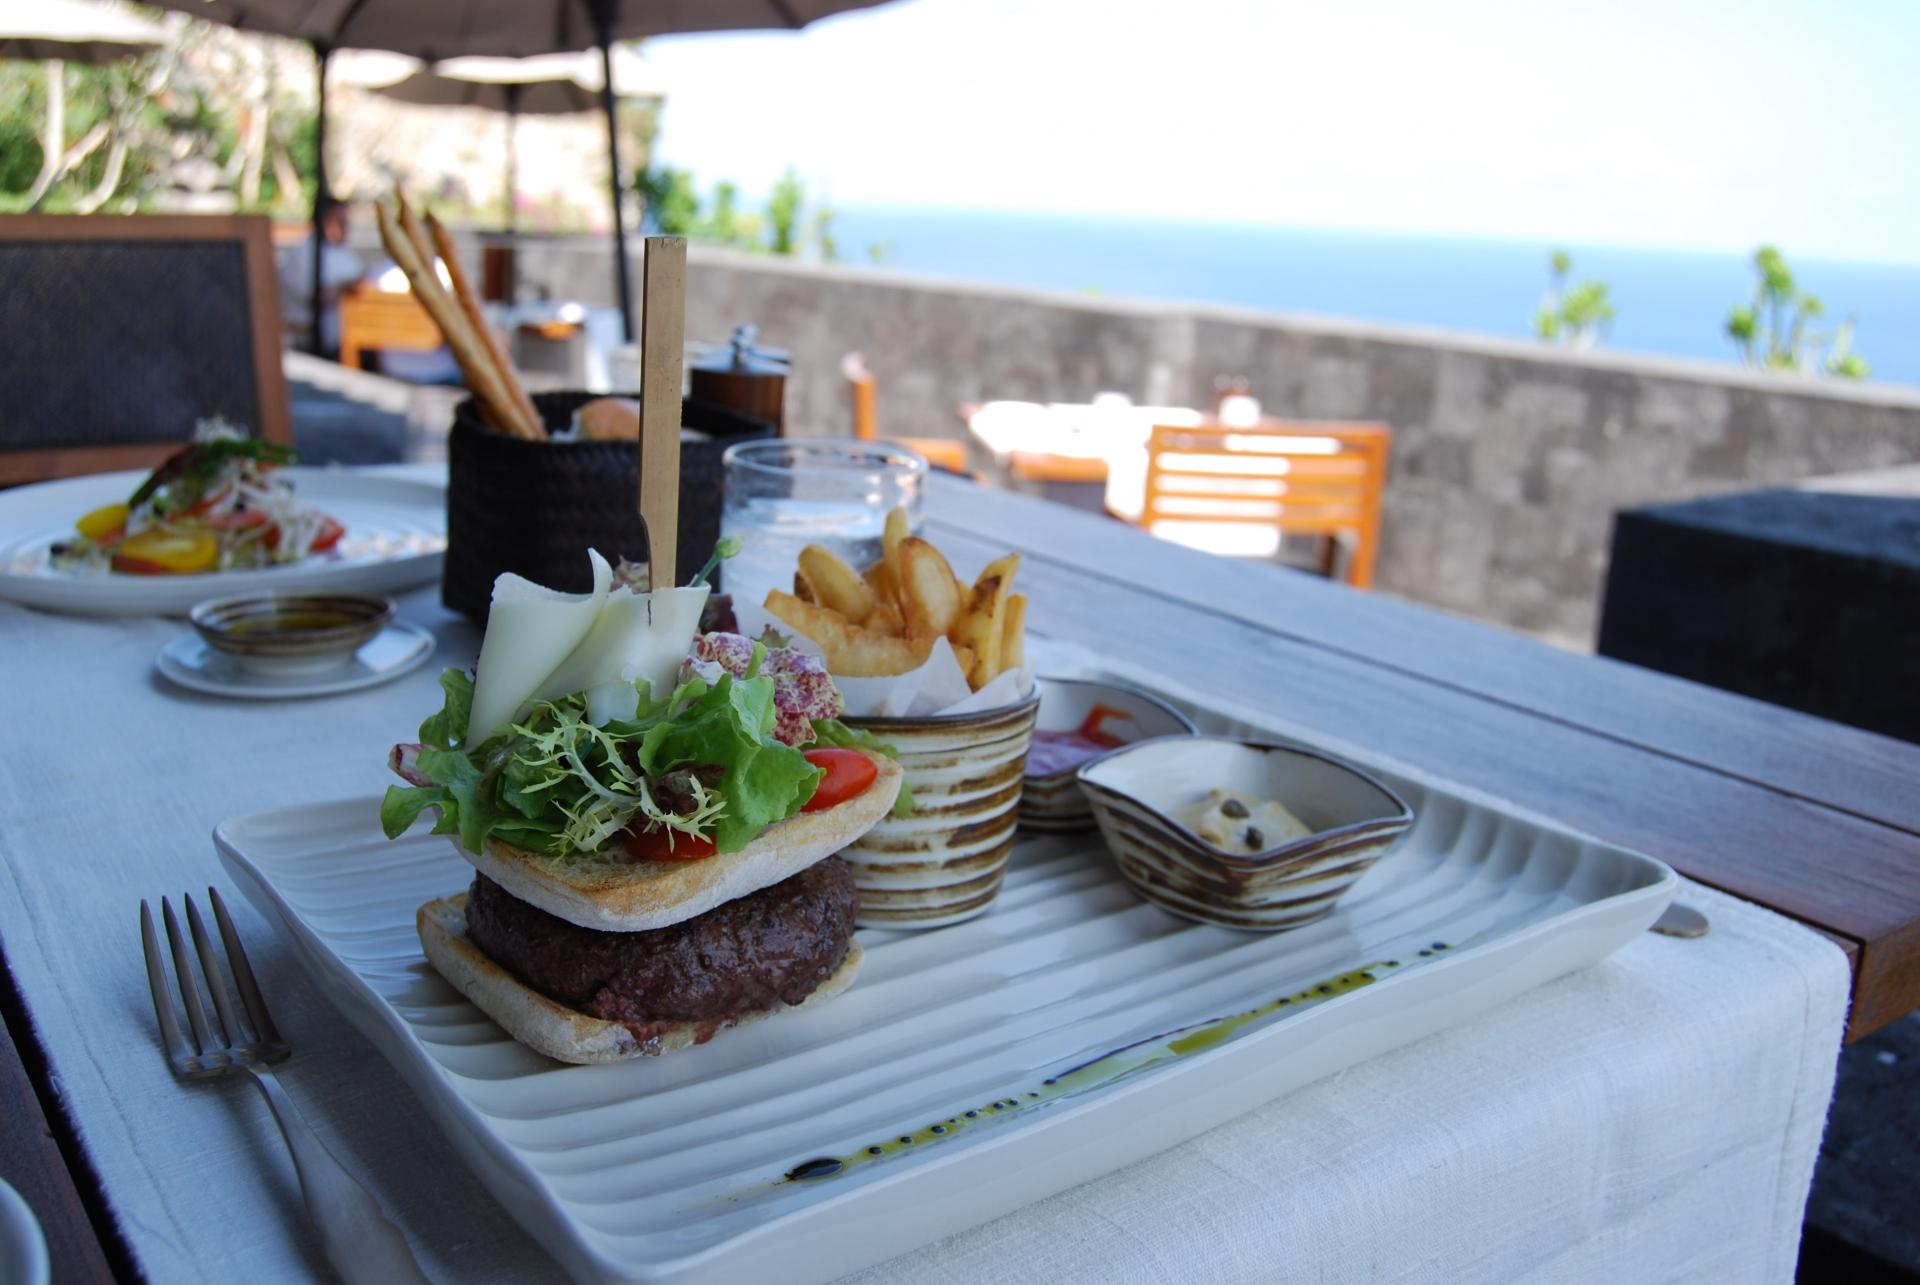 サザンビーチカフェでモーニング・ランチを楽しもう!人気メニューは?